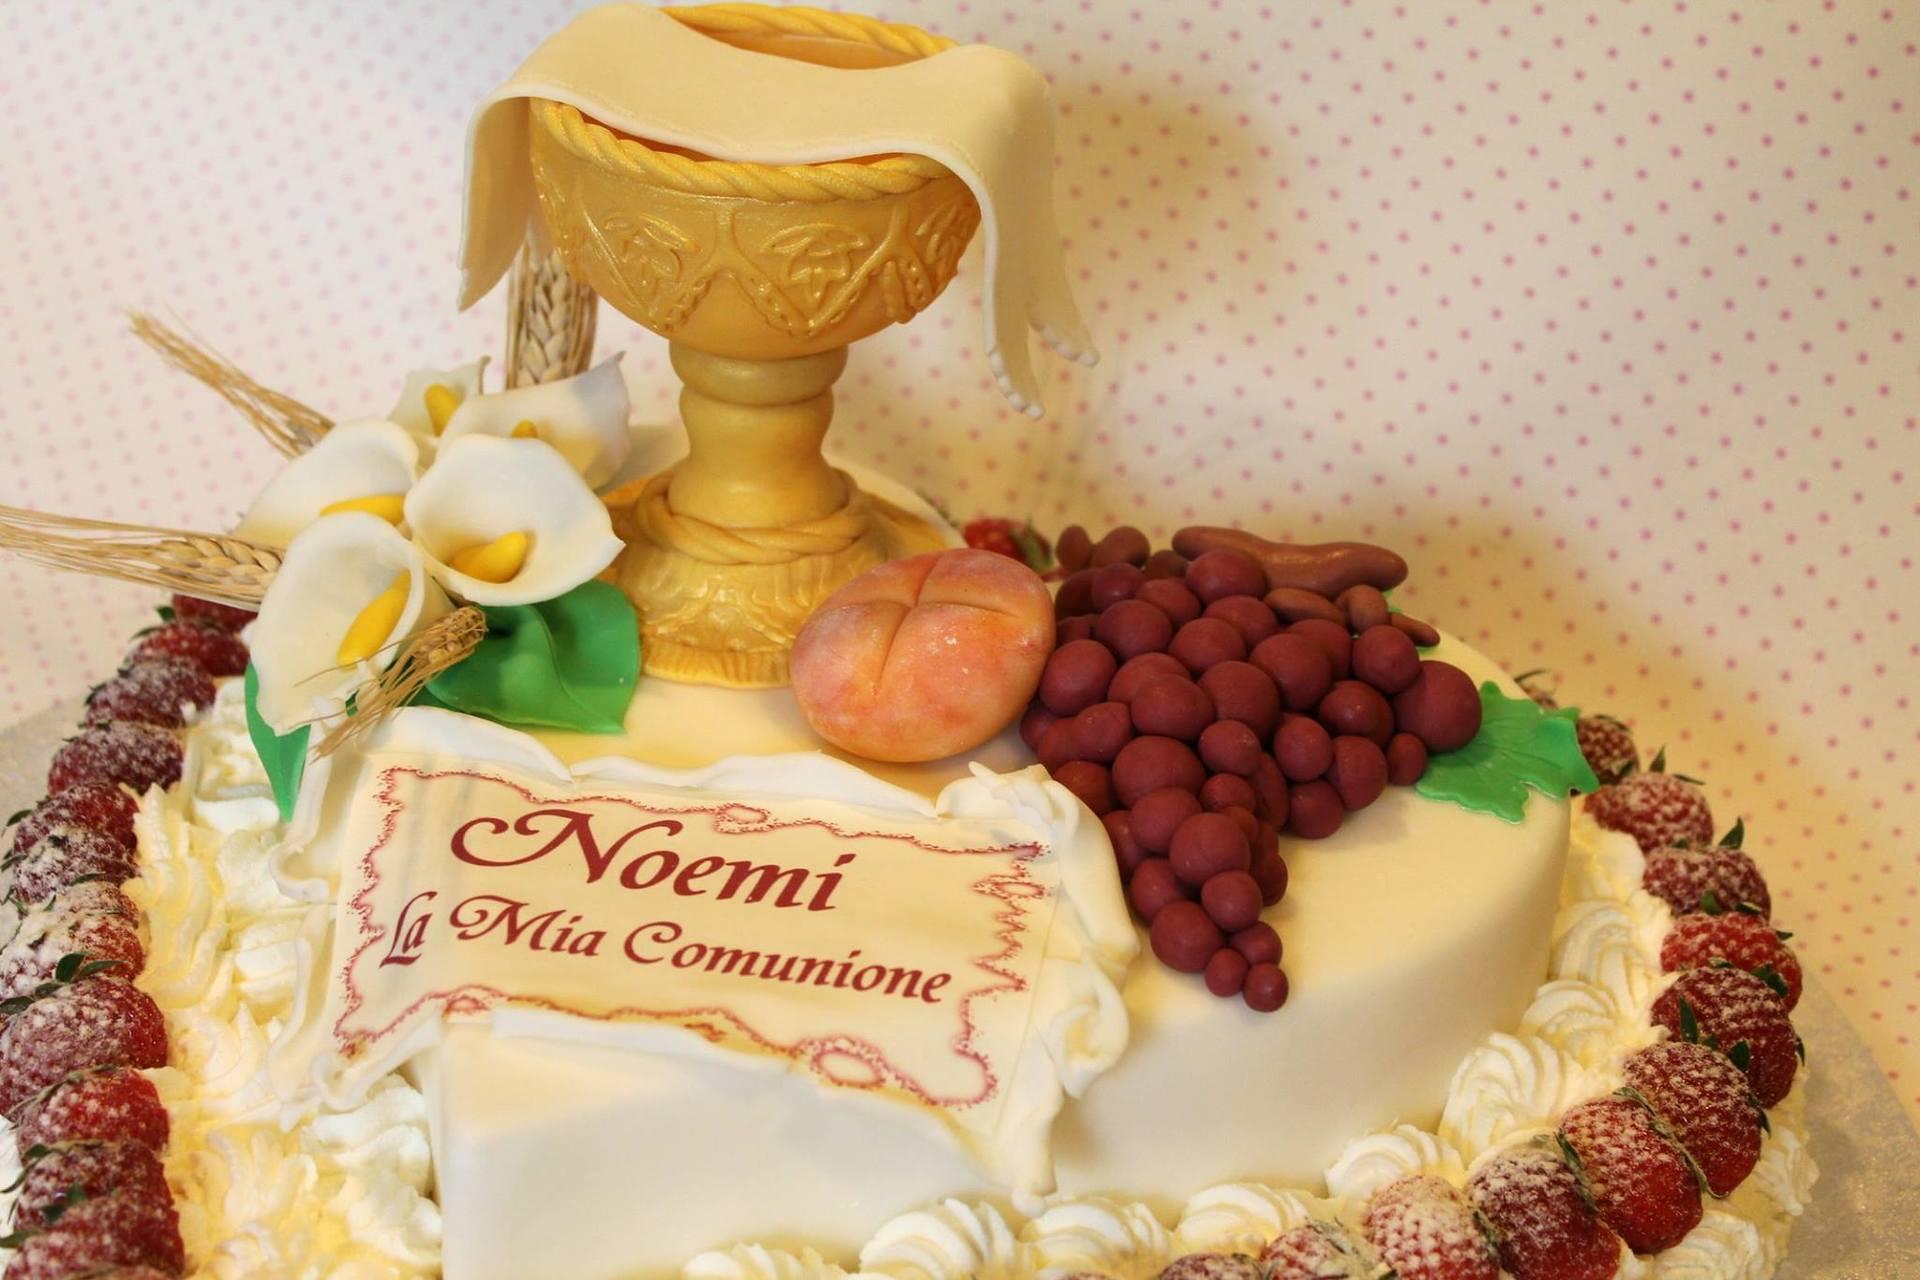 torta prima comunione Noemi